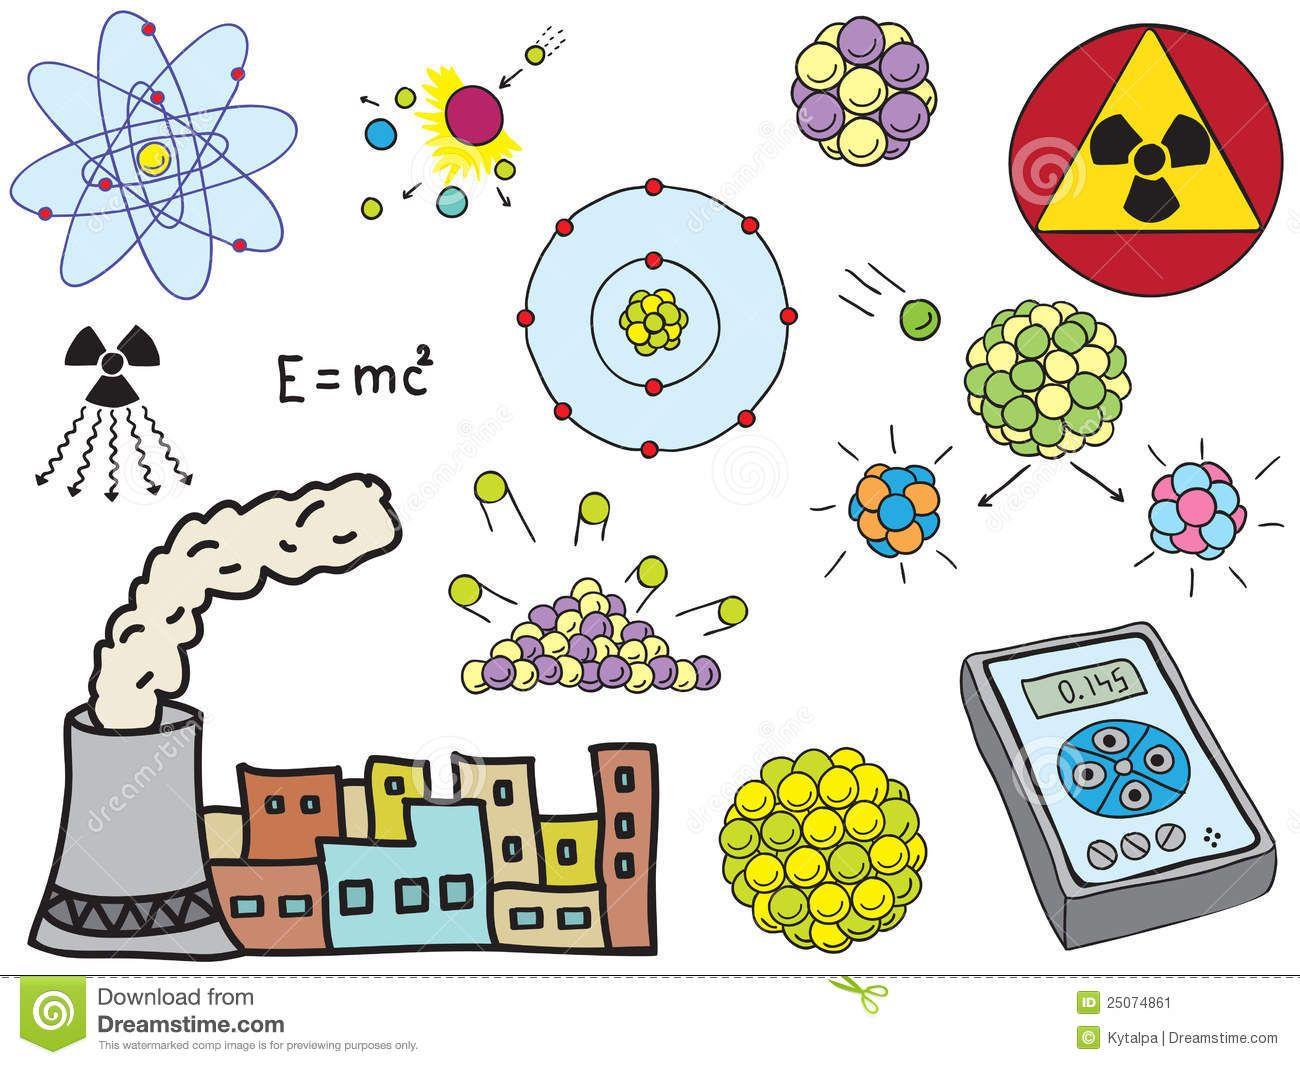 La Física Energía Nuclear Atómica Physics Energía Nuclear